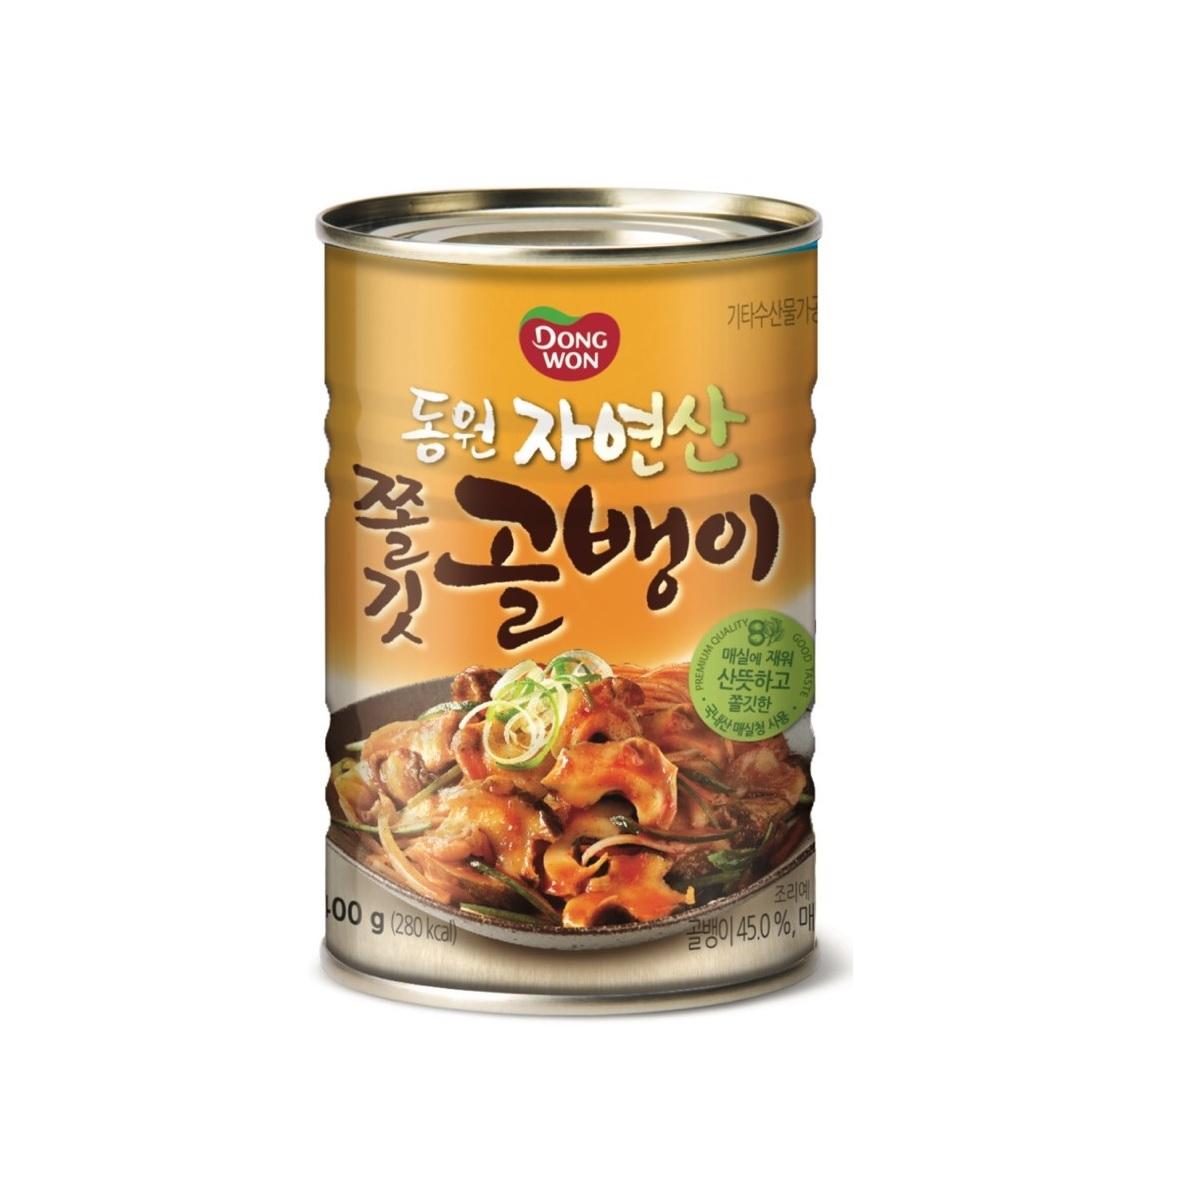 동원 쫄깃 골뱅이 원터치 통조림, 400g, 1개